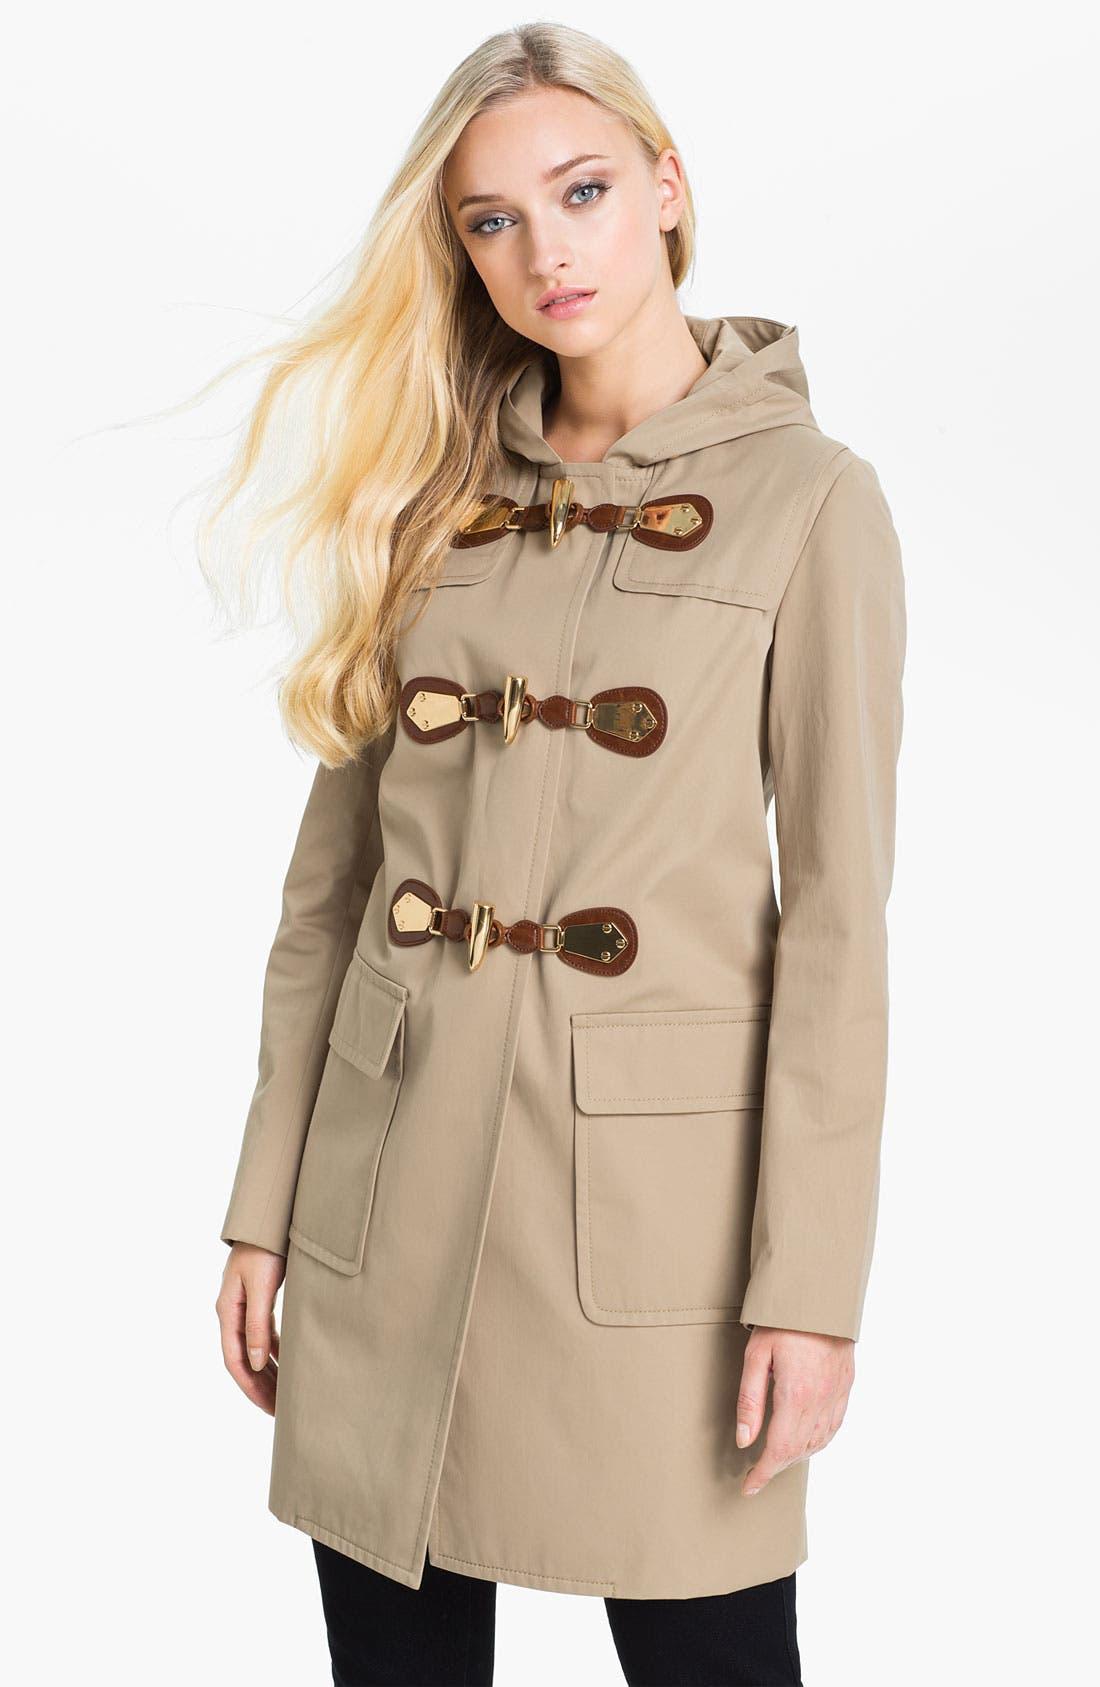 Alternate Image 1 Selected - MICHAEL Michael Kors Toggle Duffle Coat